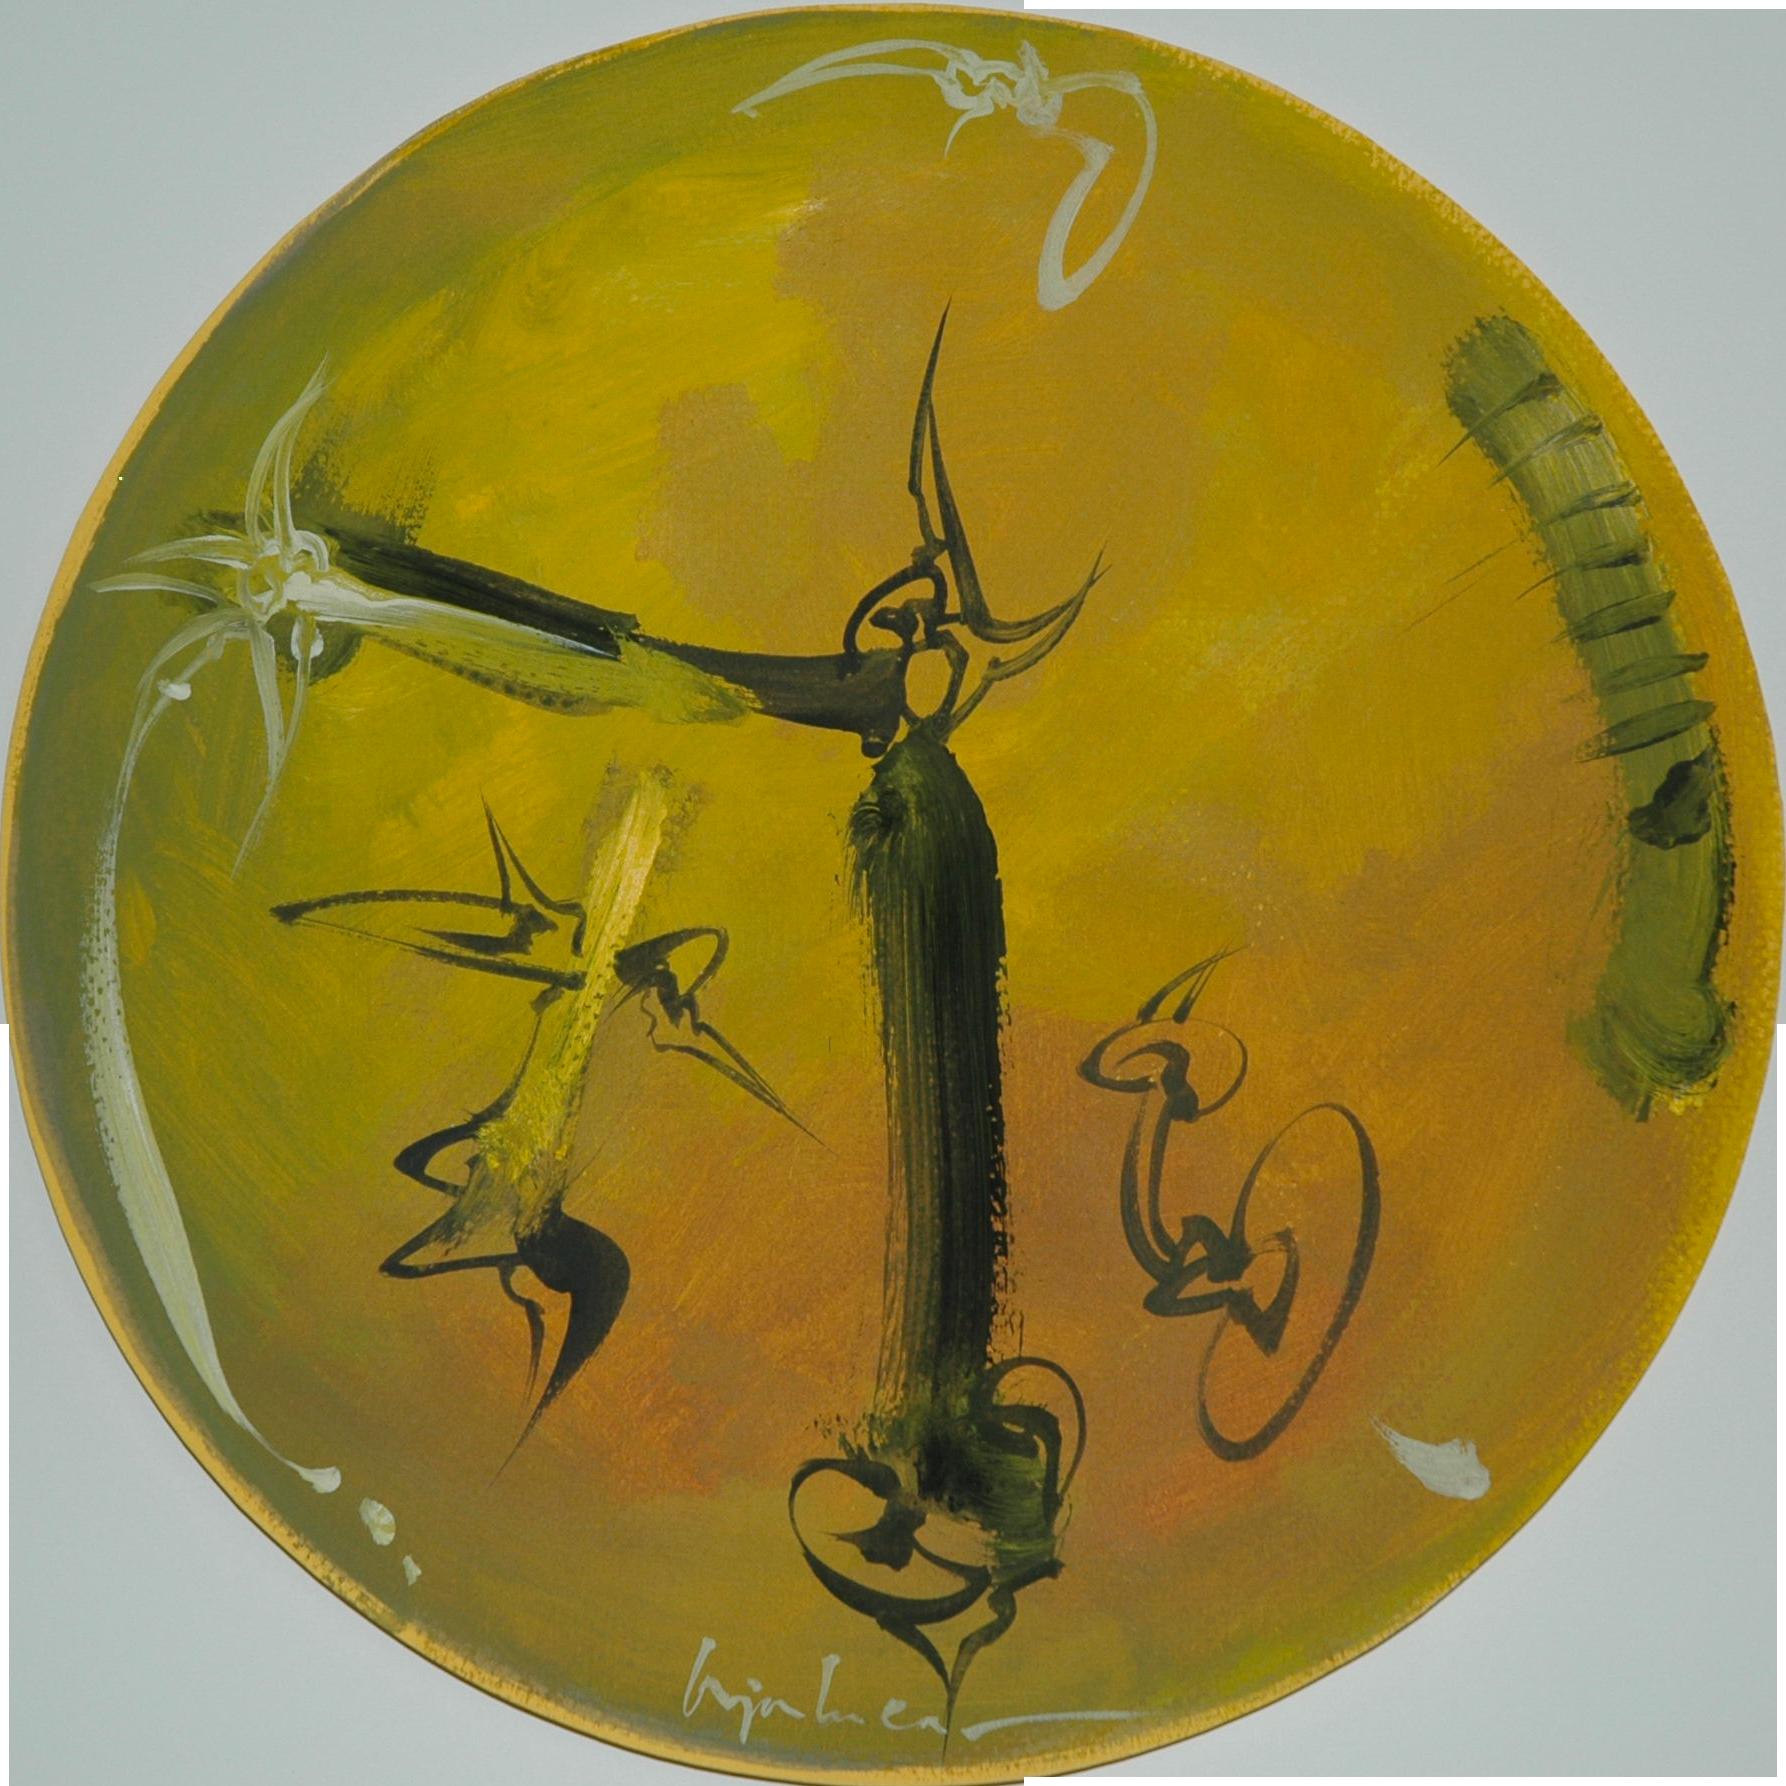 Acrylique sur papier, Diamètre 30.7 cm